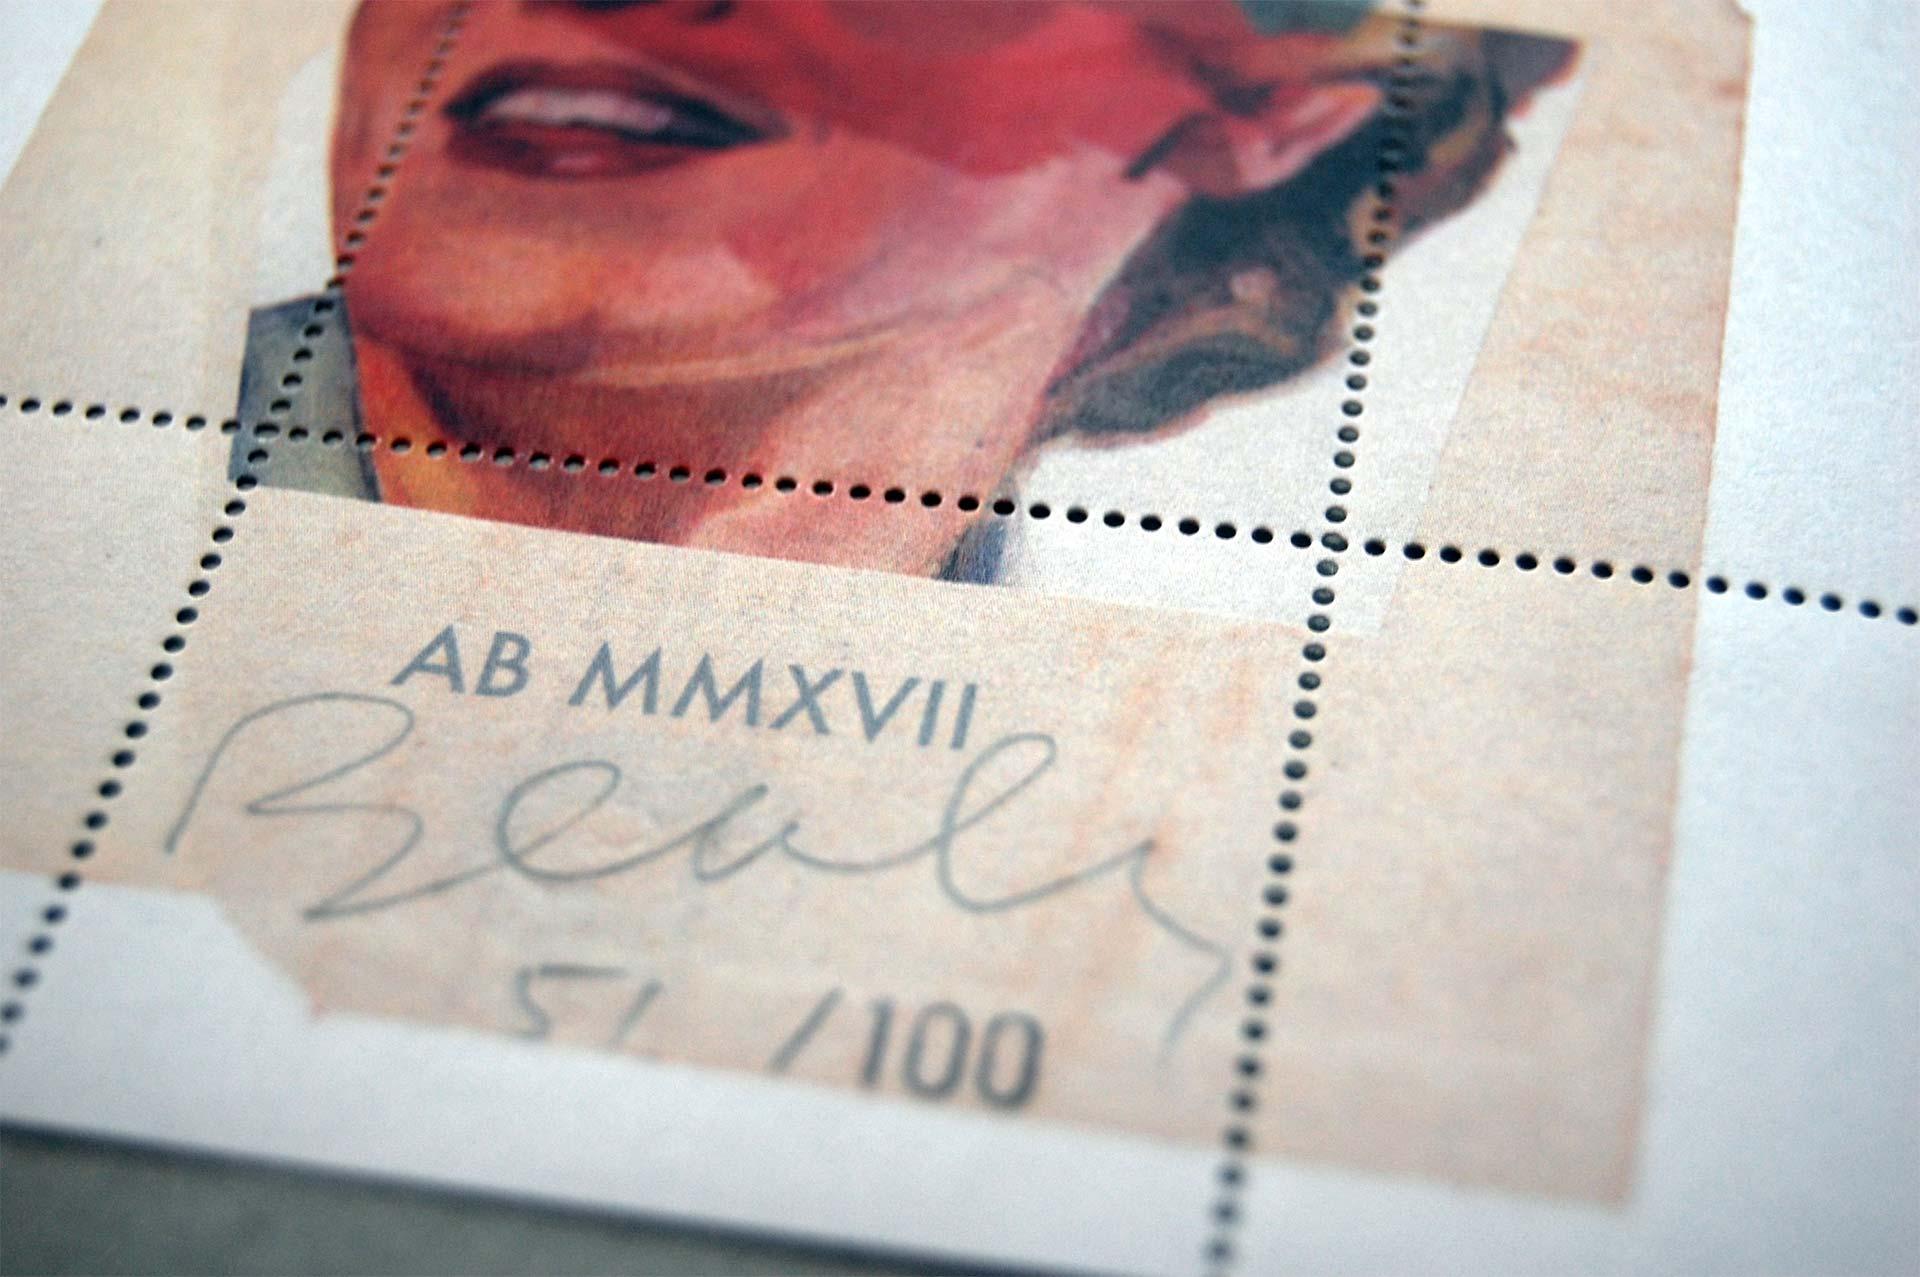 Artist stamp No. 2